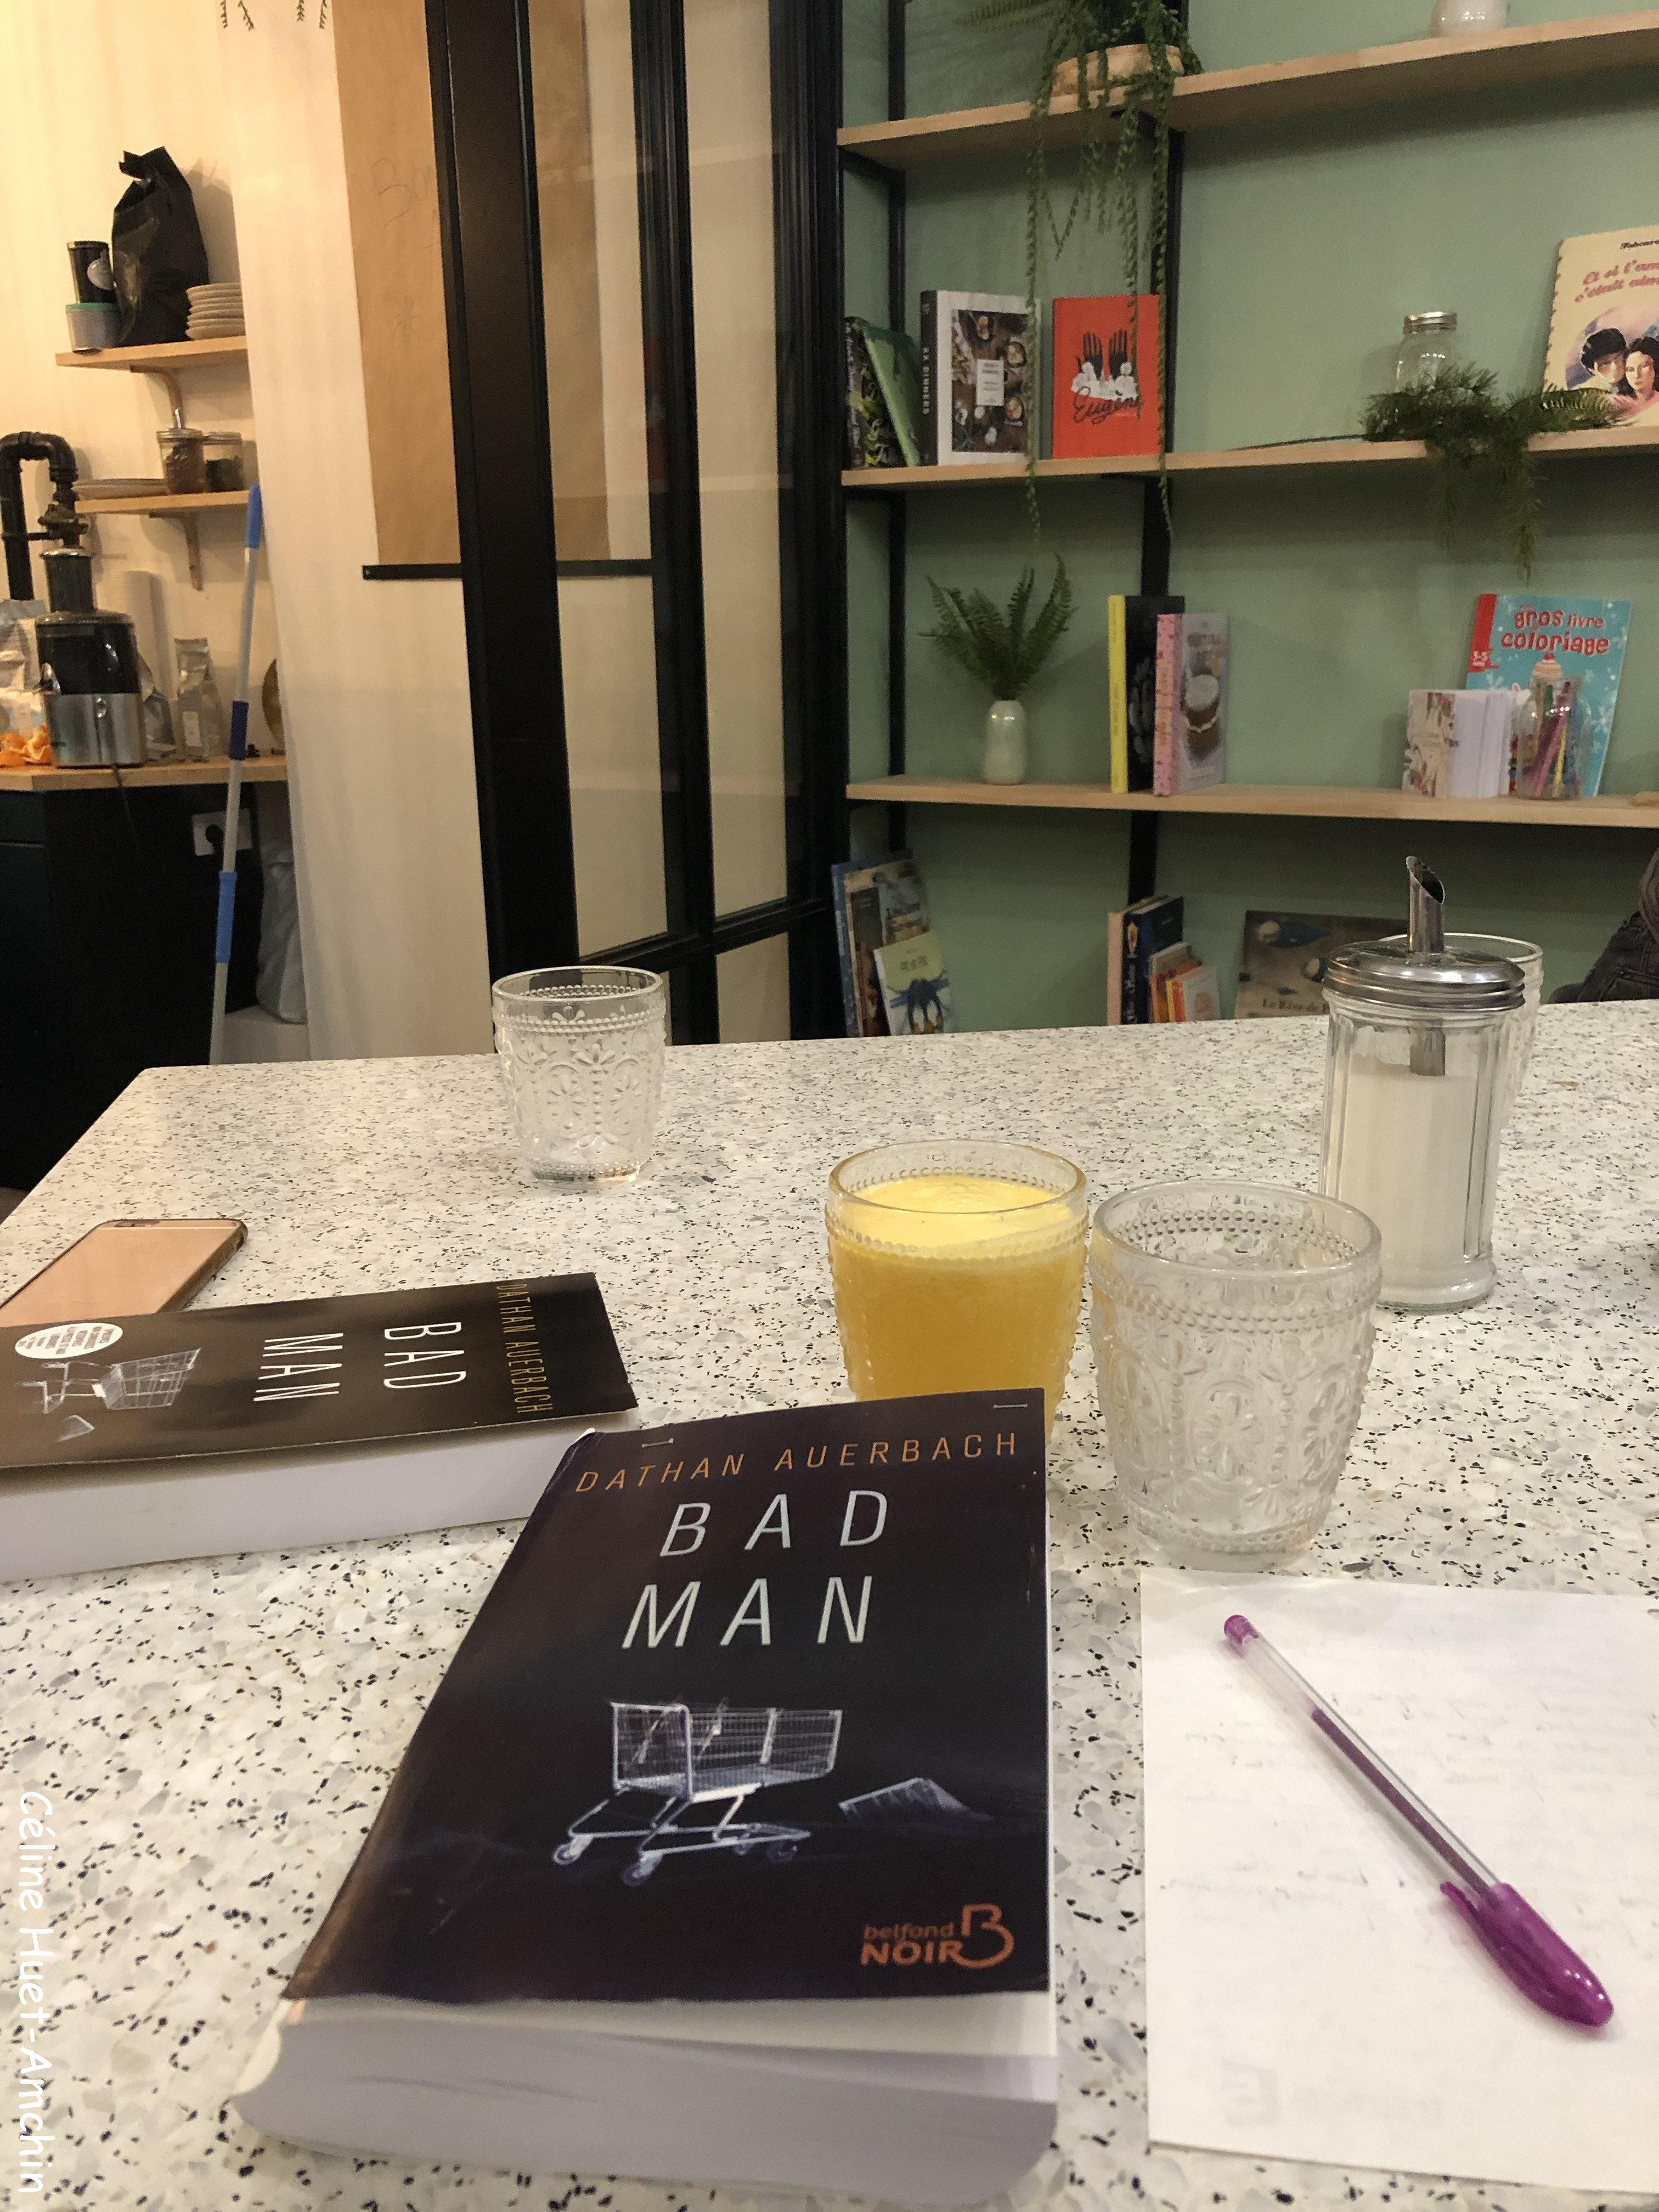 Bad man Dathan Auerbach Editions Belfond Noir Coeur de Baker Paris